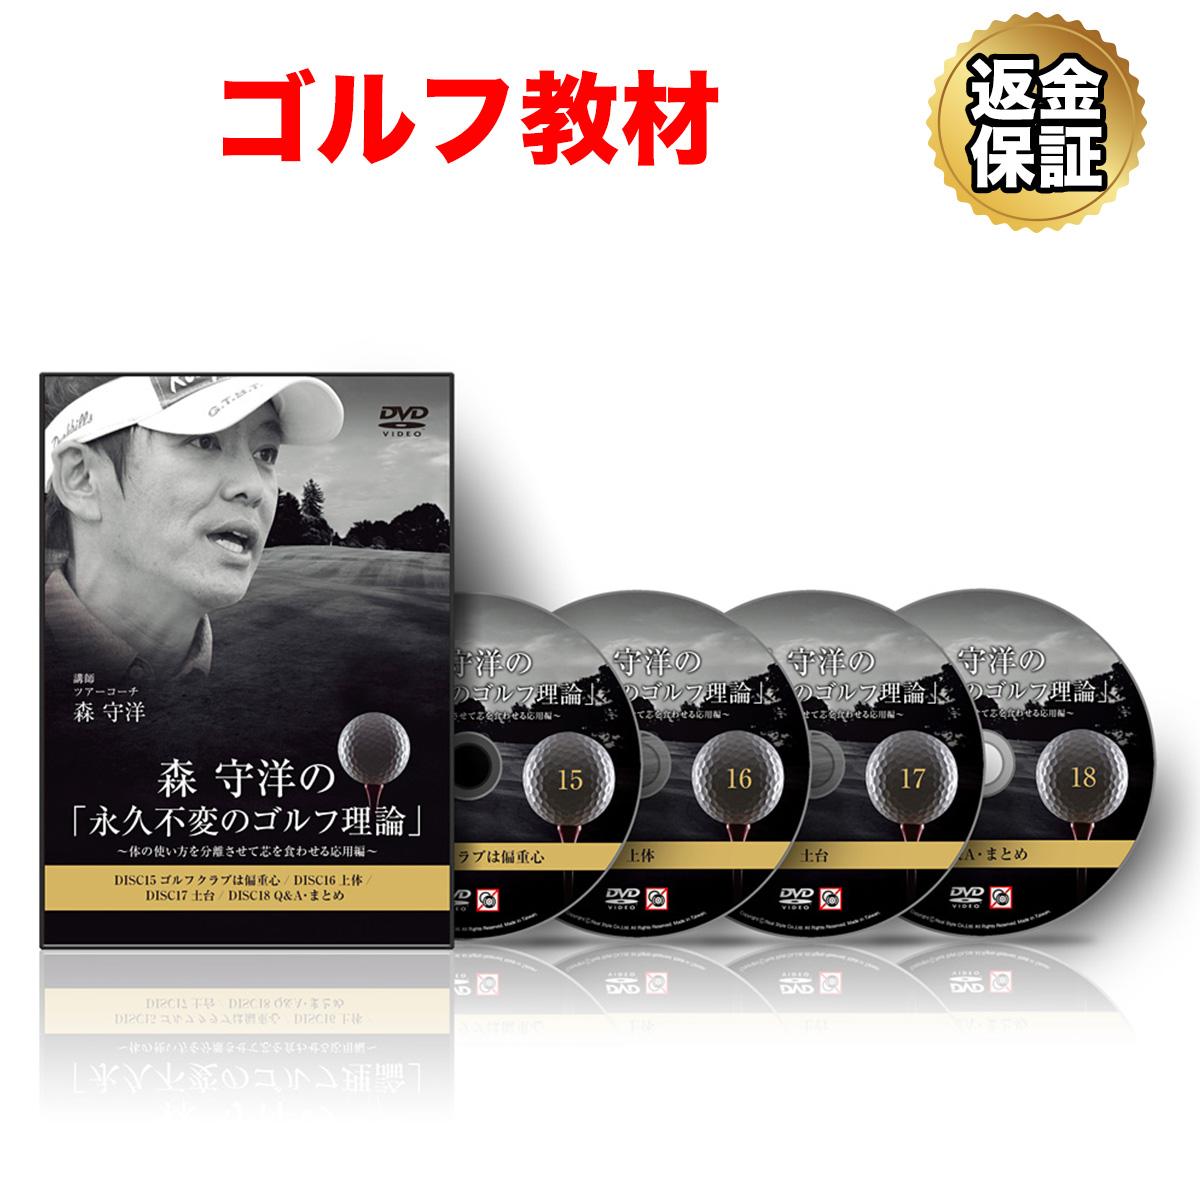 【ゴルフ】森 守洋の「永久不変のゴルフ理論」~体の使い方を分離させて芯を食わせる応用編~